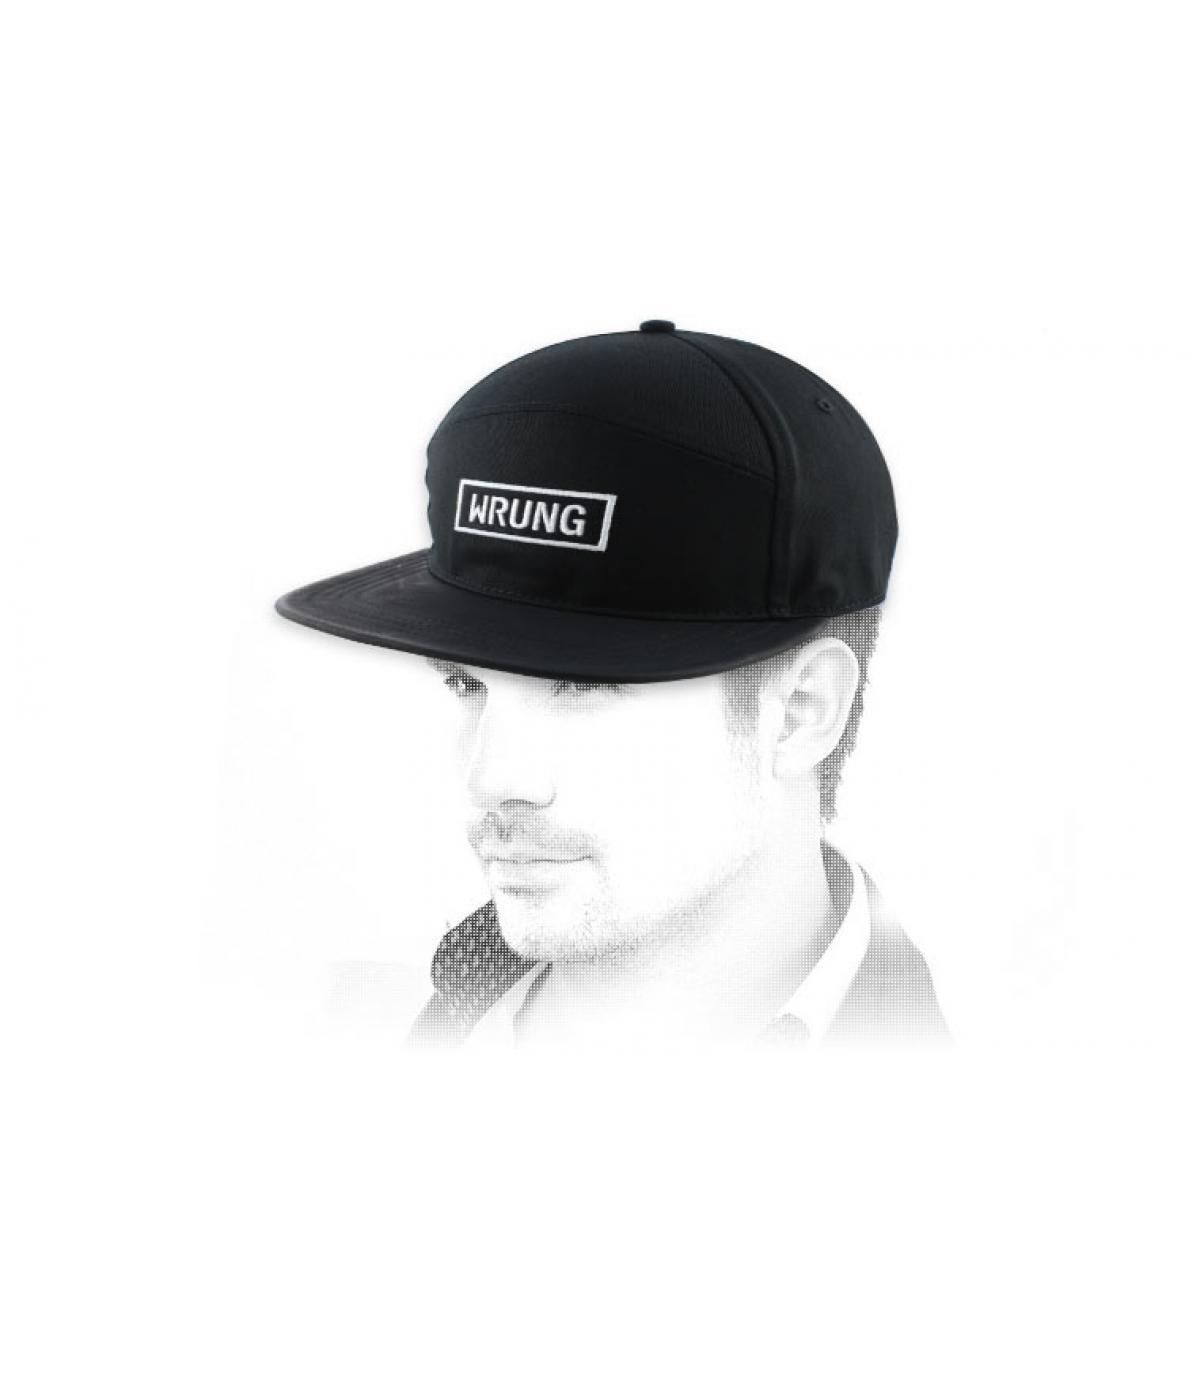 hat rectangulaire uitgewrongen